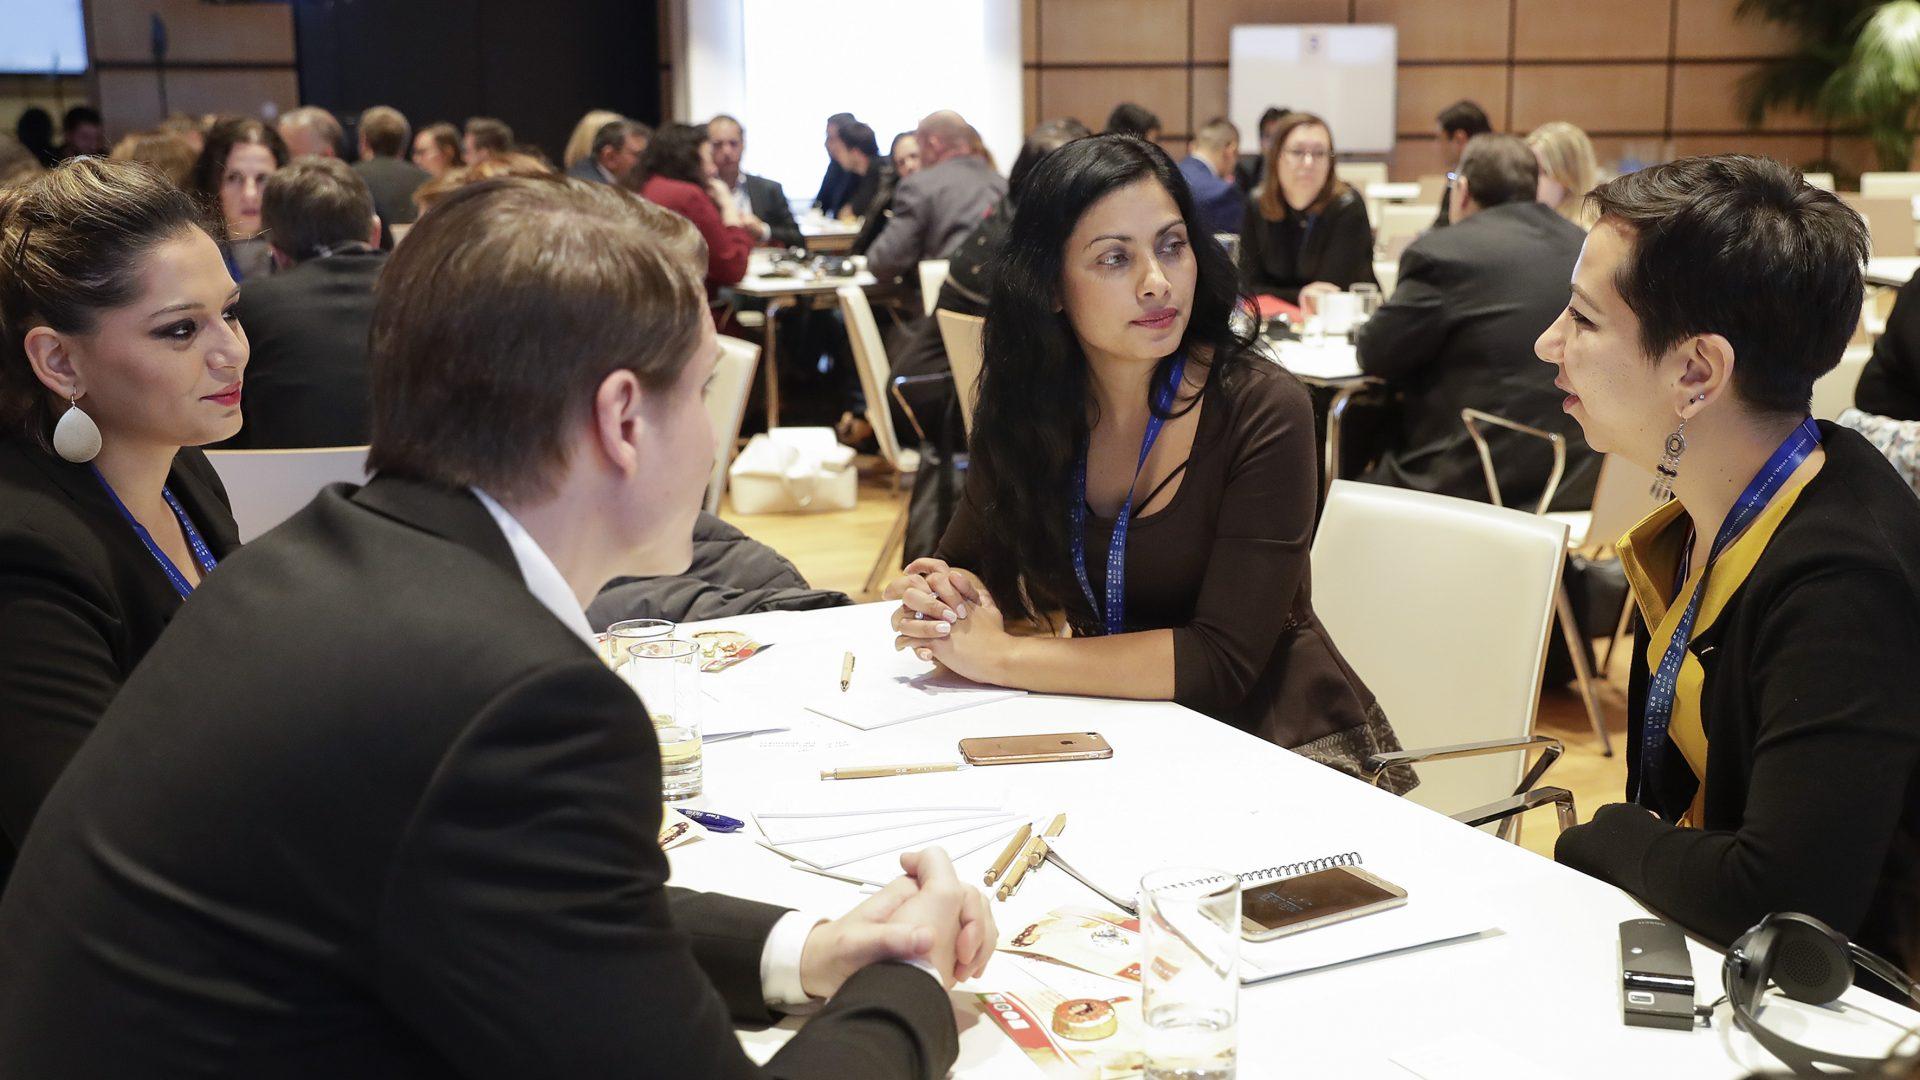 Bei einer EU-Konferenz im Jahr 2018 berieten Organisationen aus ganz Europa, wie man die strukturellen Nachteile und Vorurteile gegenüber Roma und all der anderen Gruppen reduzieren könnte. ©BKA/Regina Artner